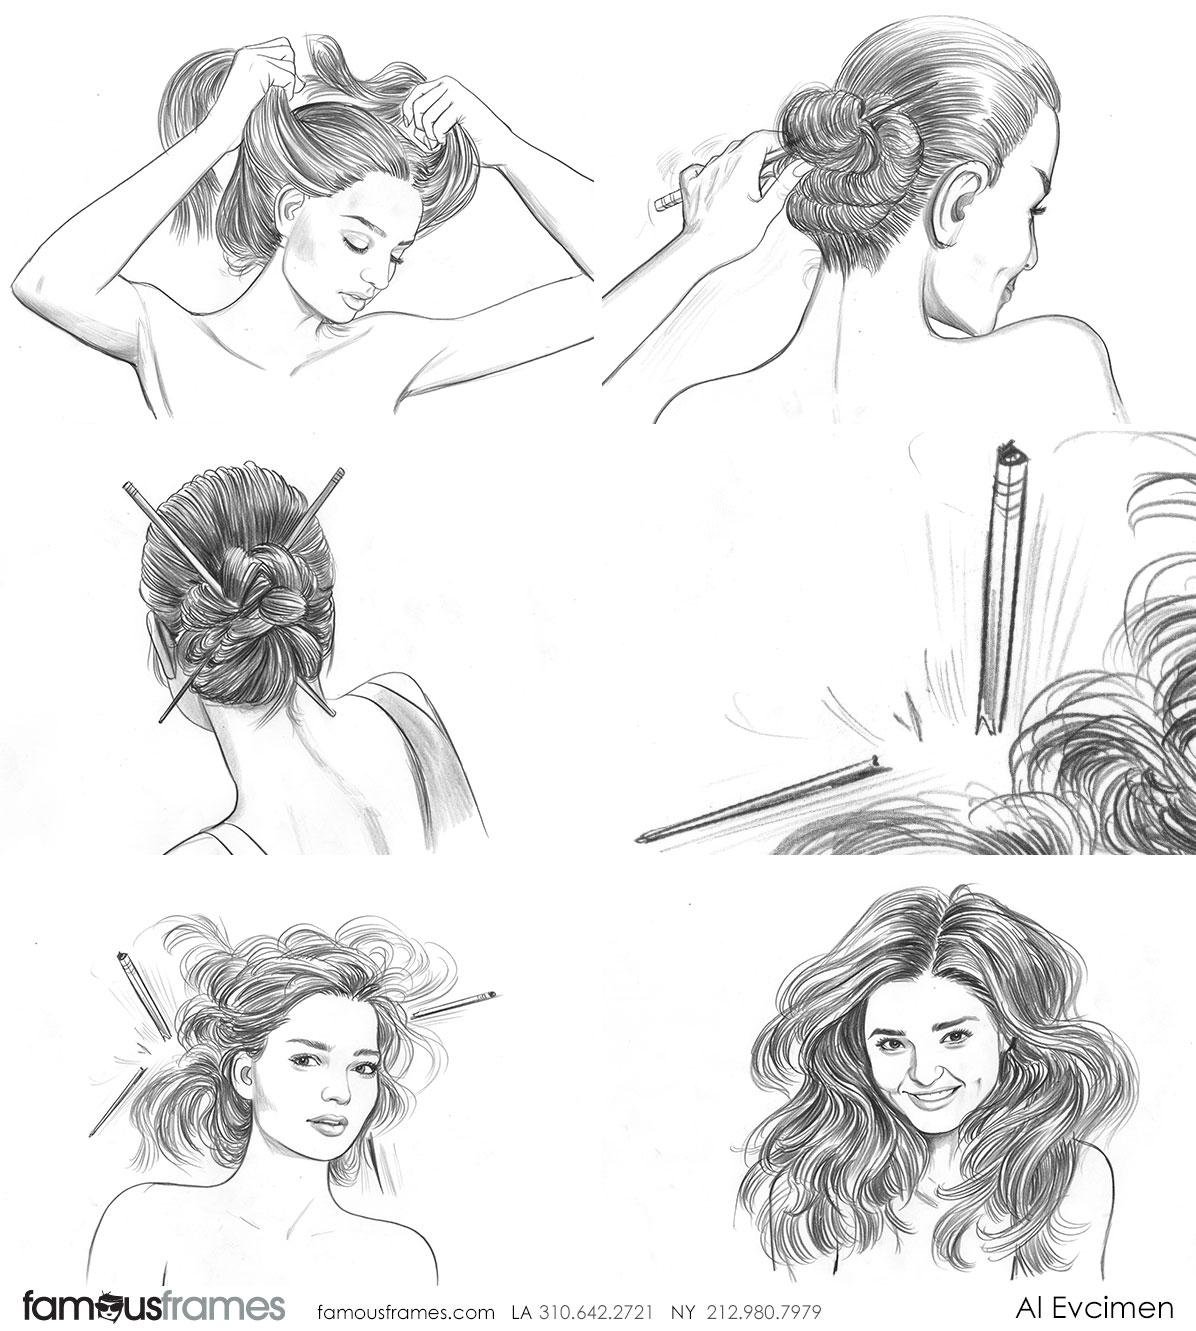 Al Evcimen's Beauty / Fashion storyboard art (Image #7229_12_1483484801)